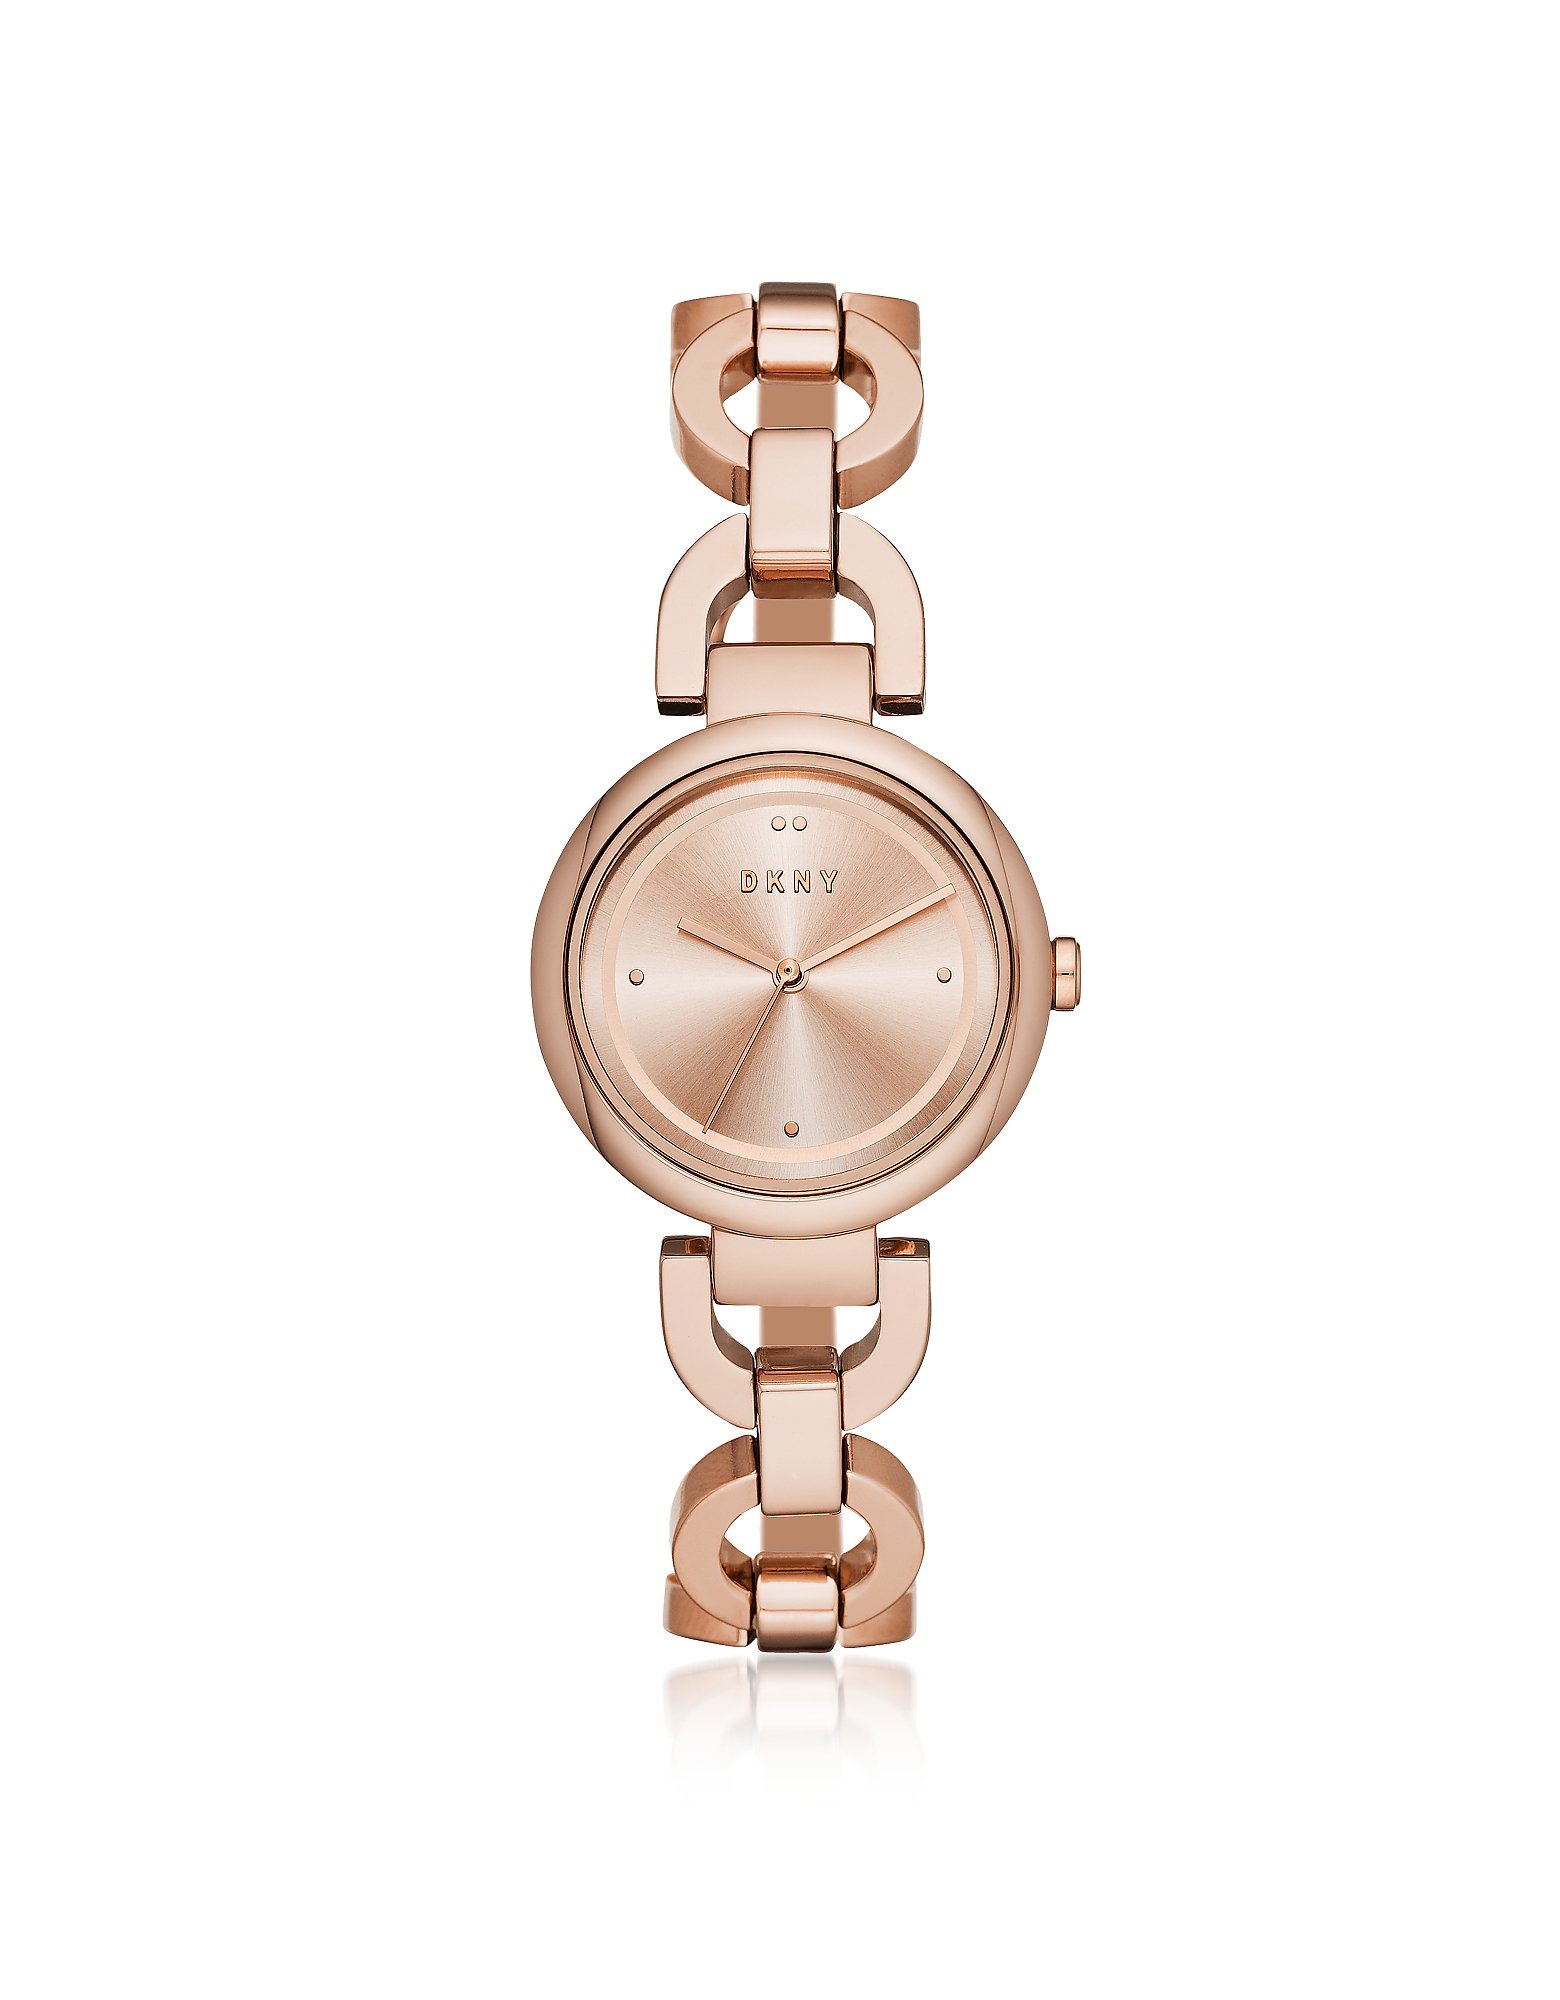 Eastside - Часы с Браслетом из Нержавеющей Стали Оттенка Розового Золота DKNY